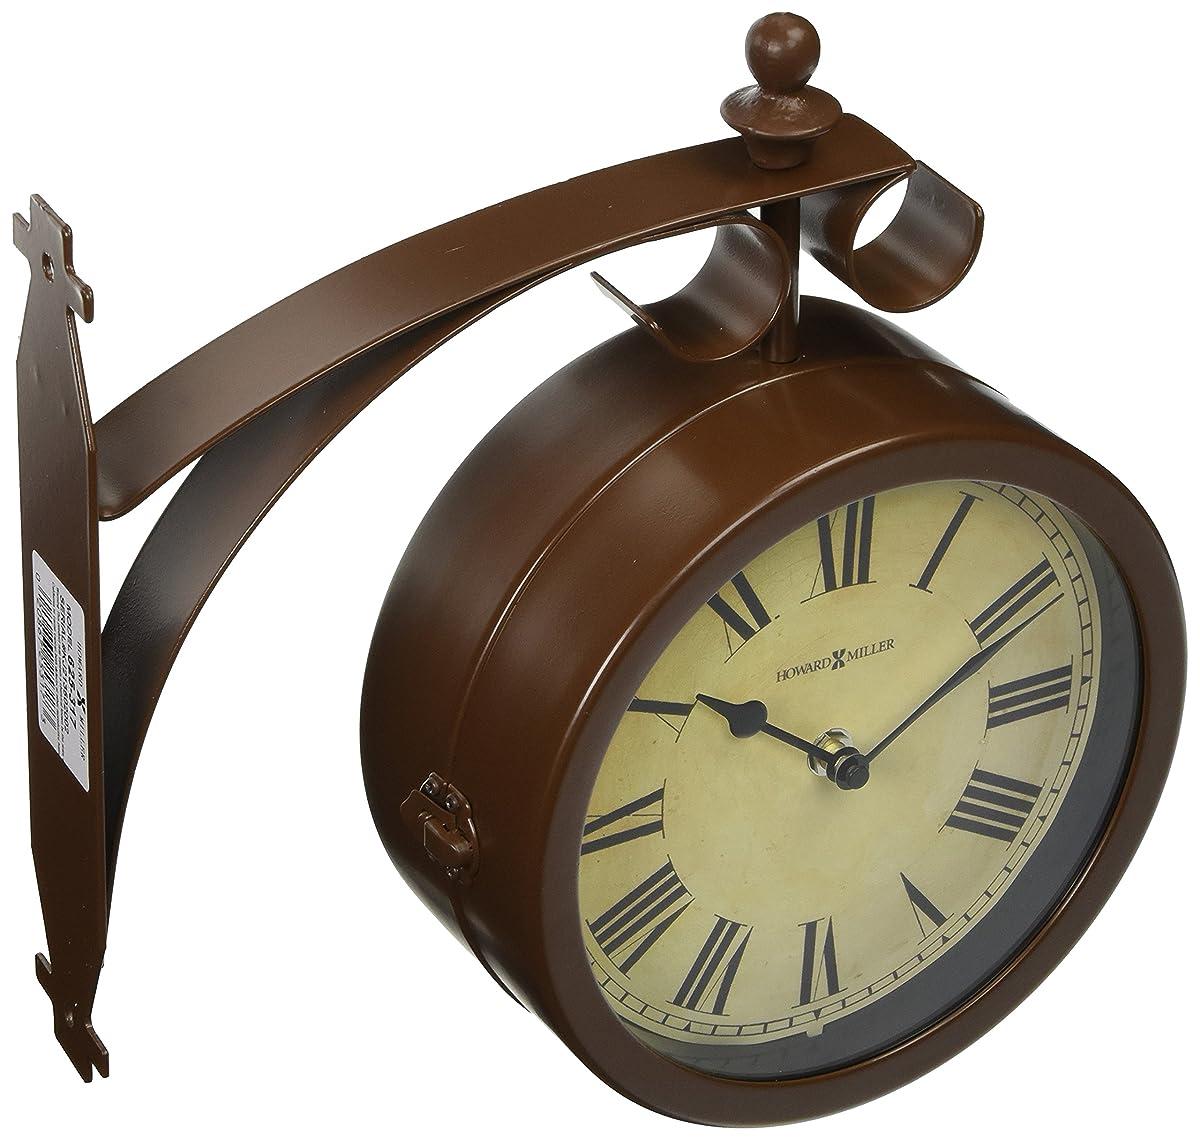 Howard Miller 625-317 OBrien Wall Clock